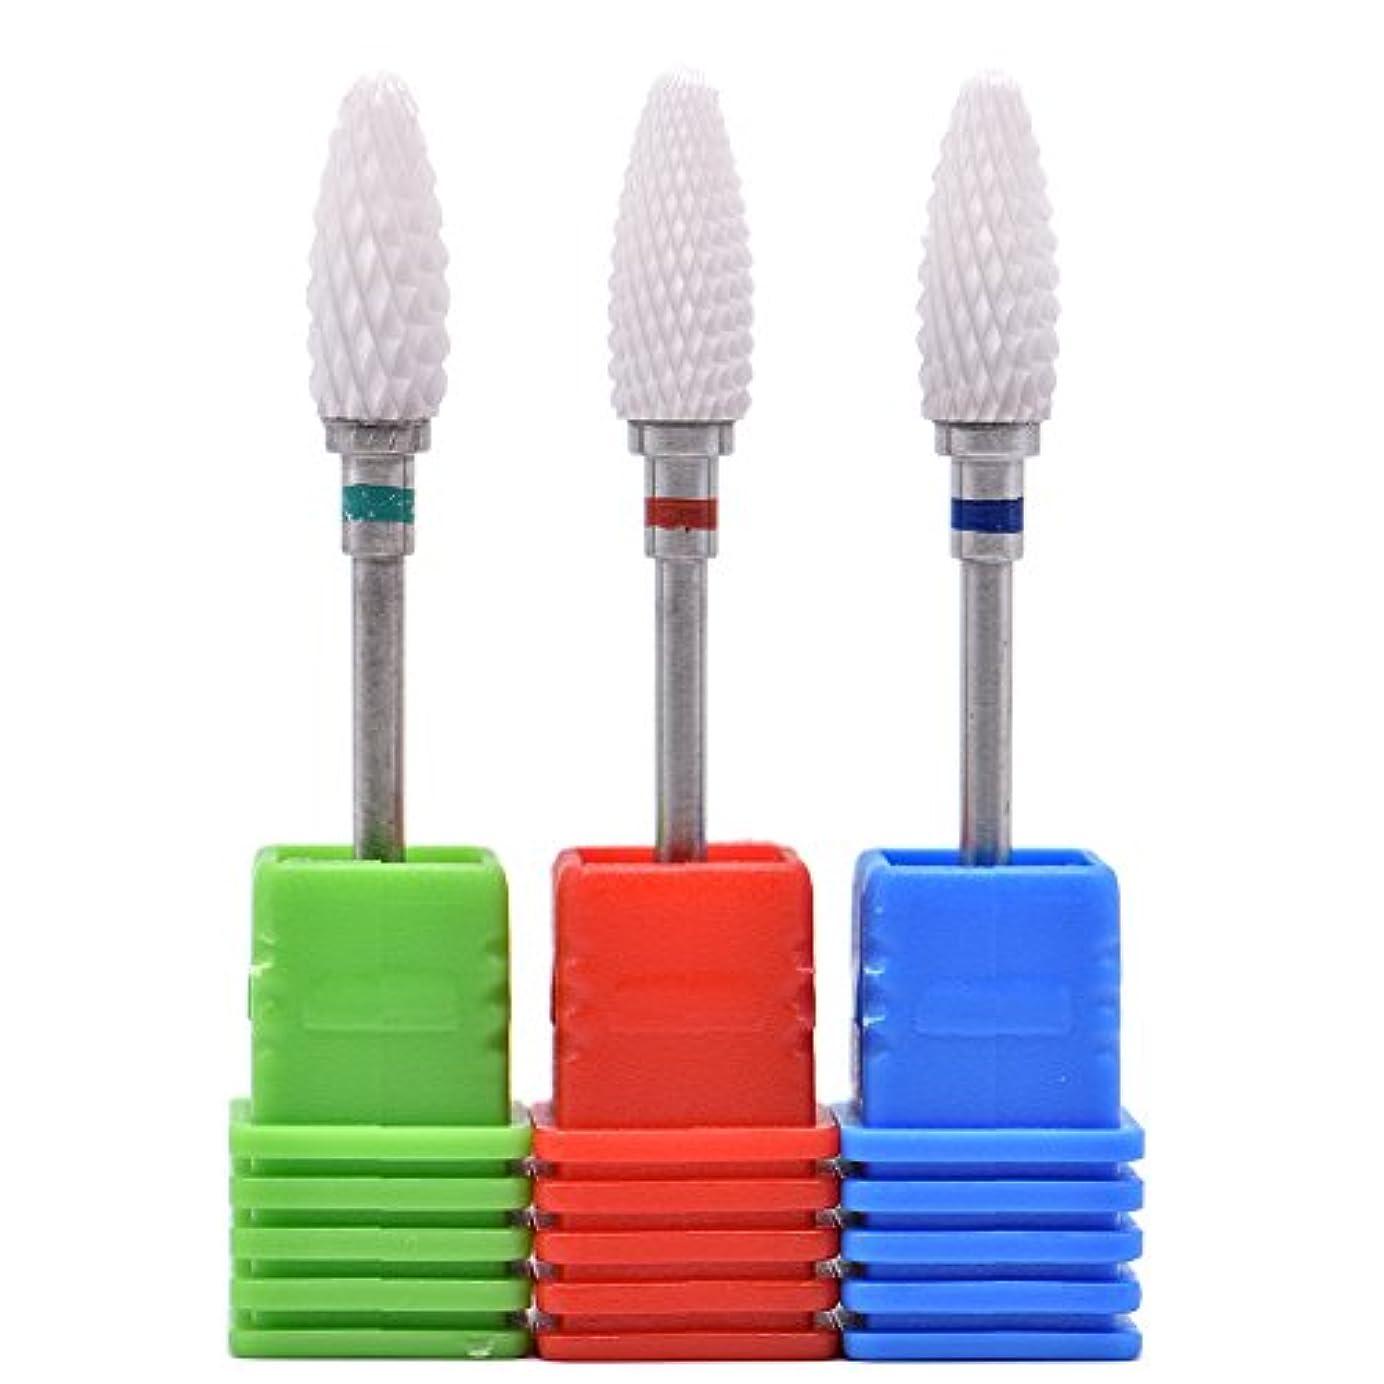 土器トラクターあいまいなOral Dentistry ネイルアート ドリルビット 長い 研磨ヘッド ネイル グラインド ヘッド 爪 磨き 研磨 研削 セラミック 全3色 (レッドF(微研削)+グリーンC(粗研削)+ブルーM(中仕上げ))